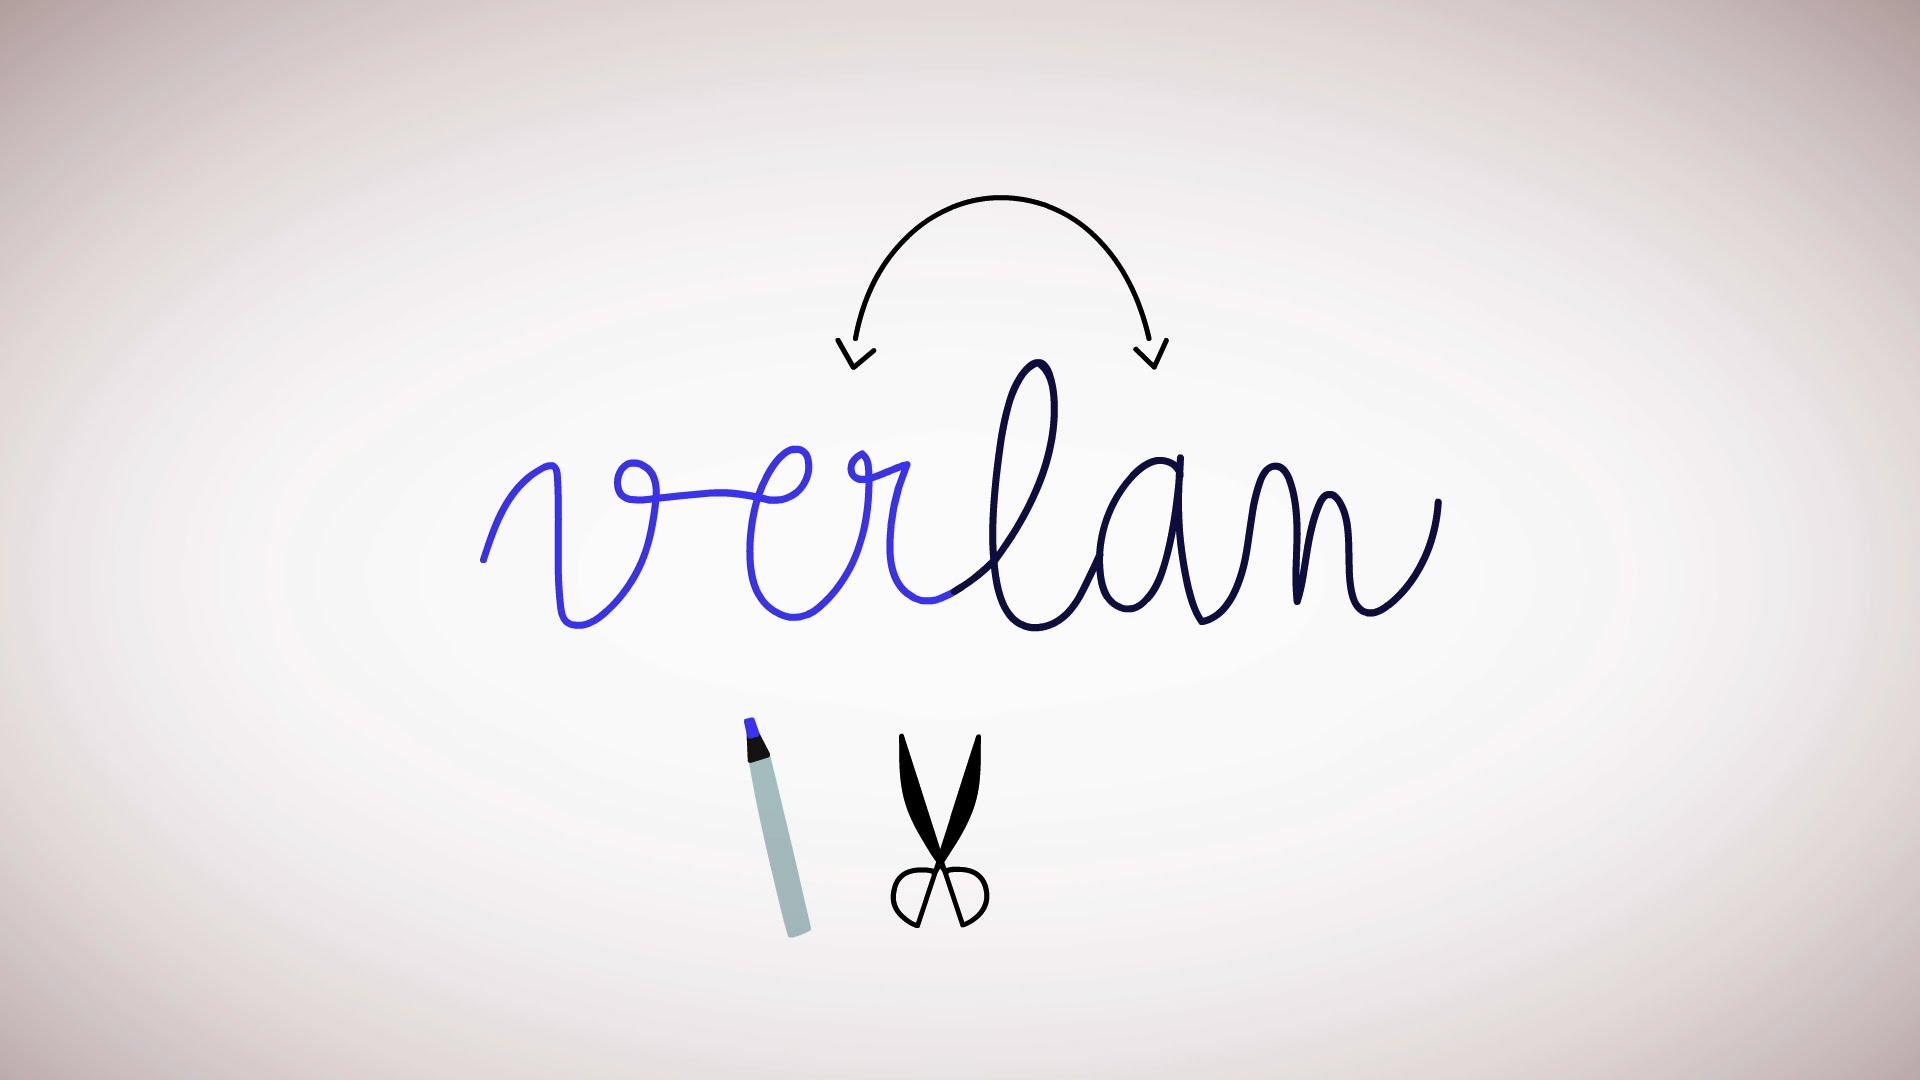 Le verlan, language familier français